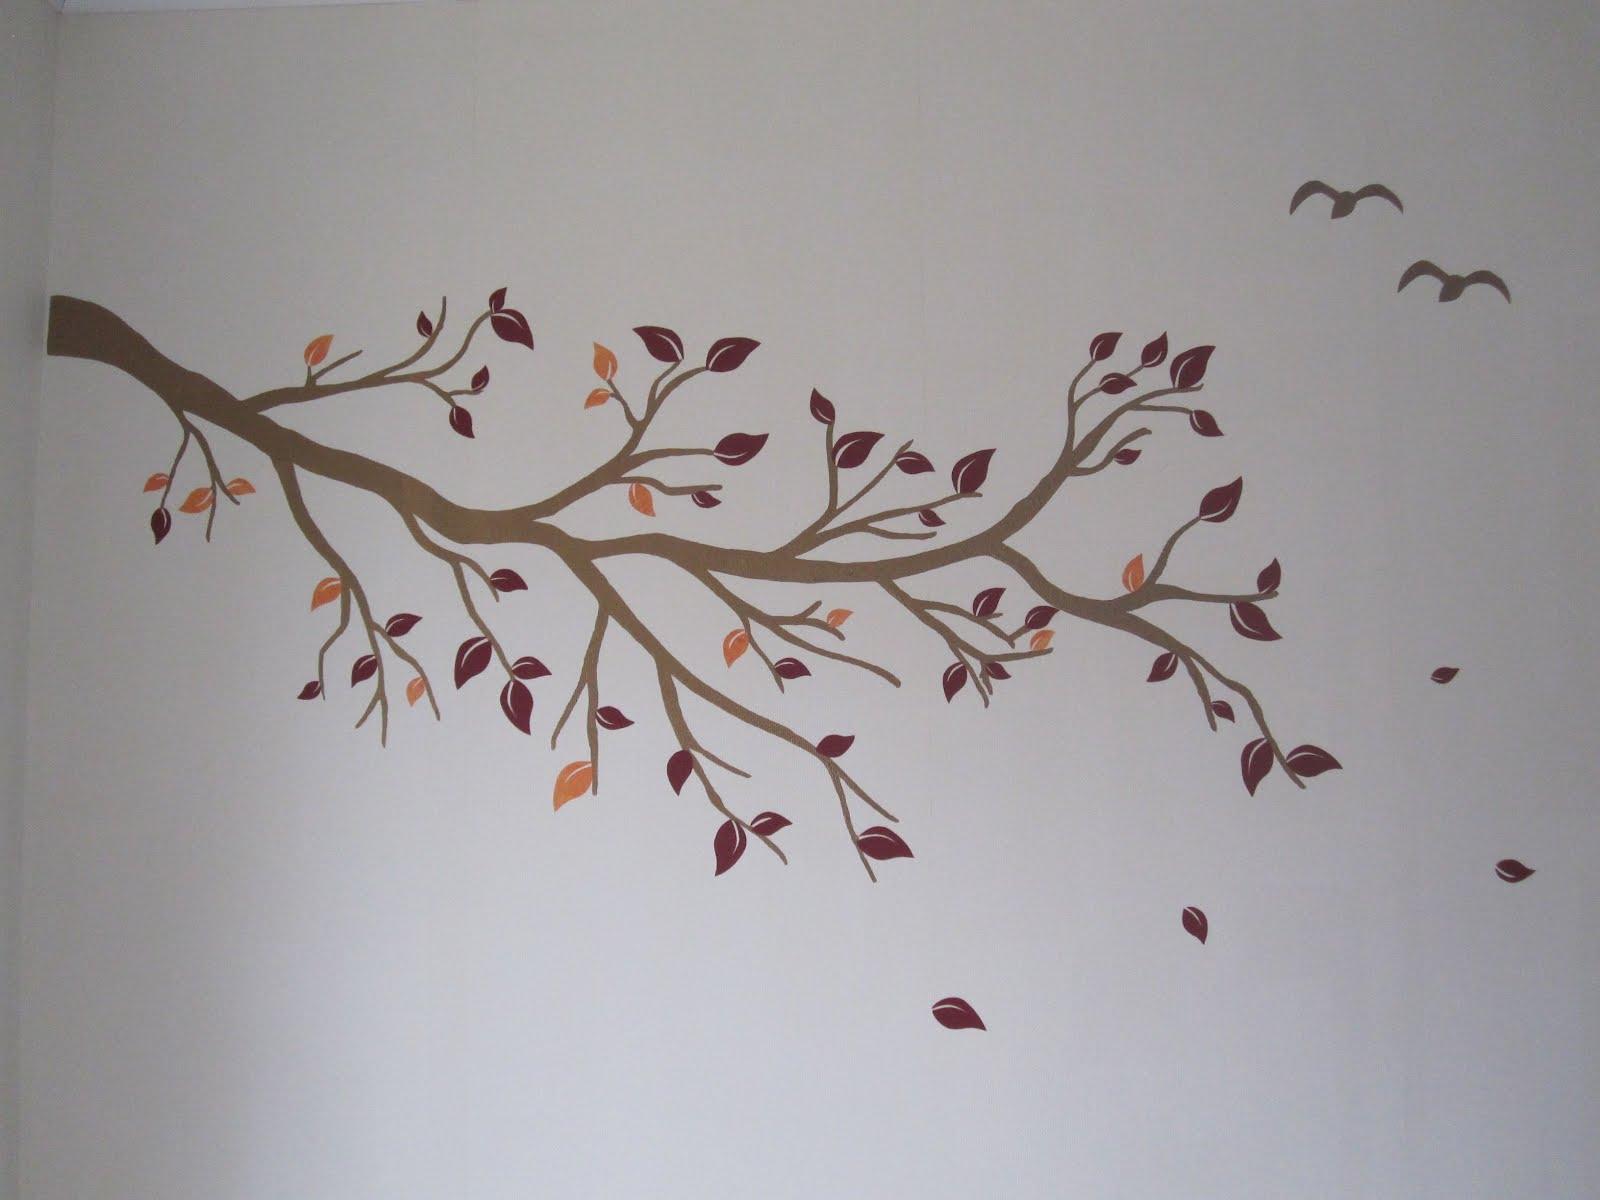 Mariposa migrante nuevos detalles en nuestro comedor - Papel para la pared ...